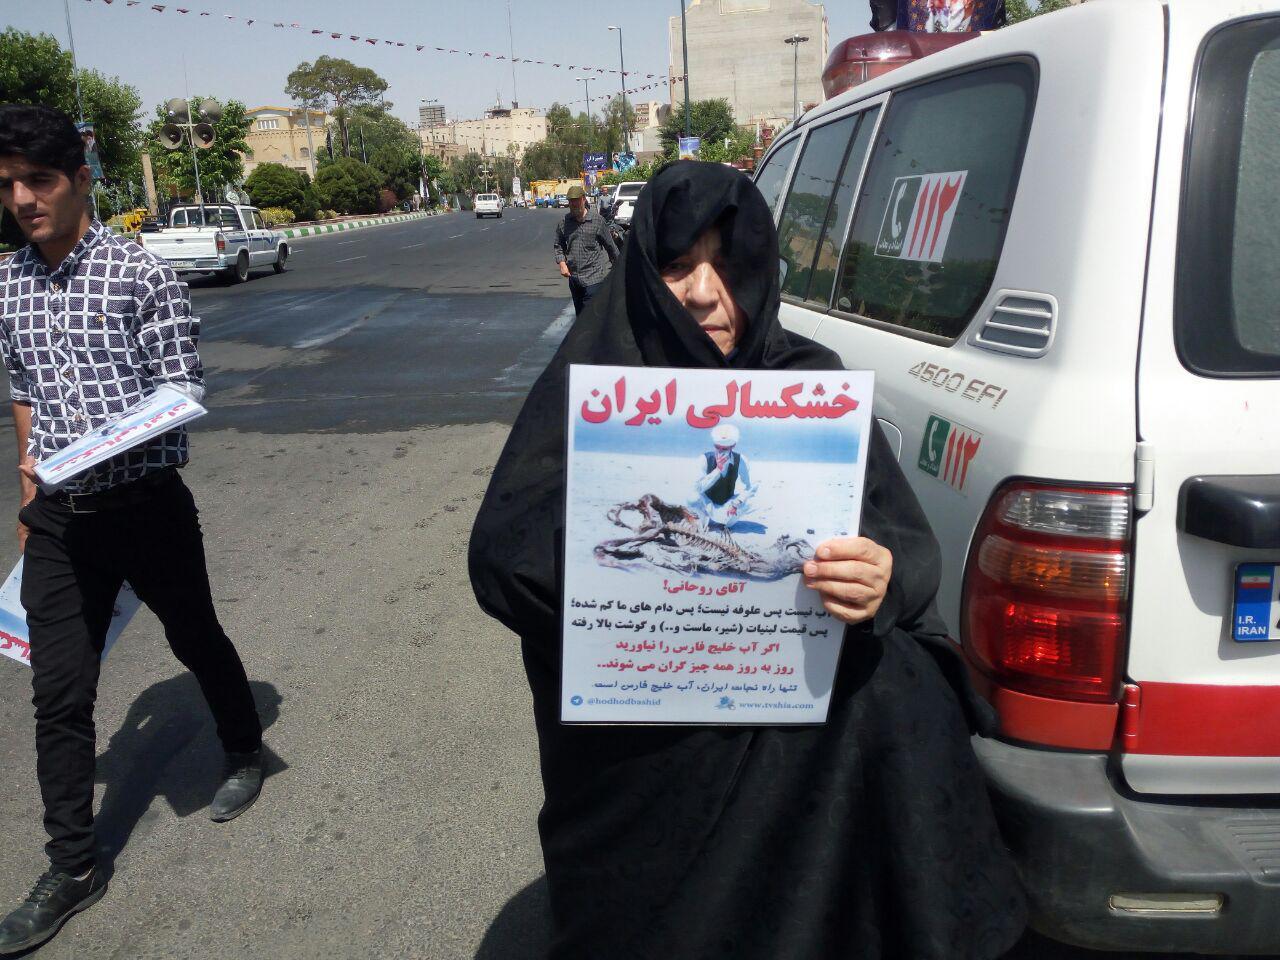 حاشیه های راهپیمایی پانزده خرداد در قم در مورد بحران خشکسالی در خواست مناظره با رئیس جمهور محترم دکتر حسن روحانی در مورد اقتصاد کشور